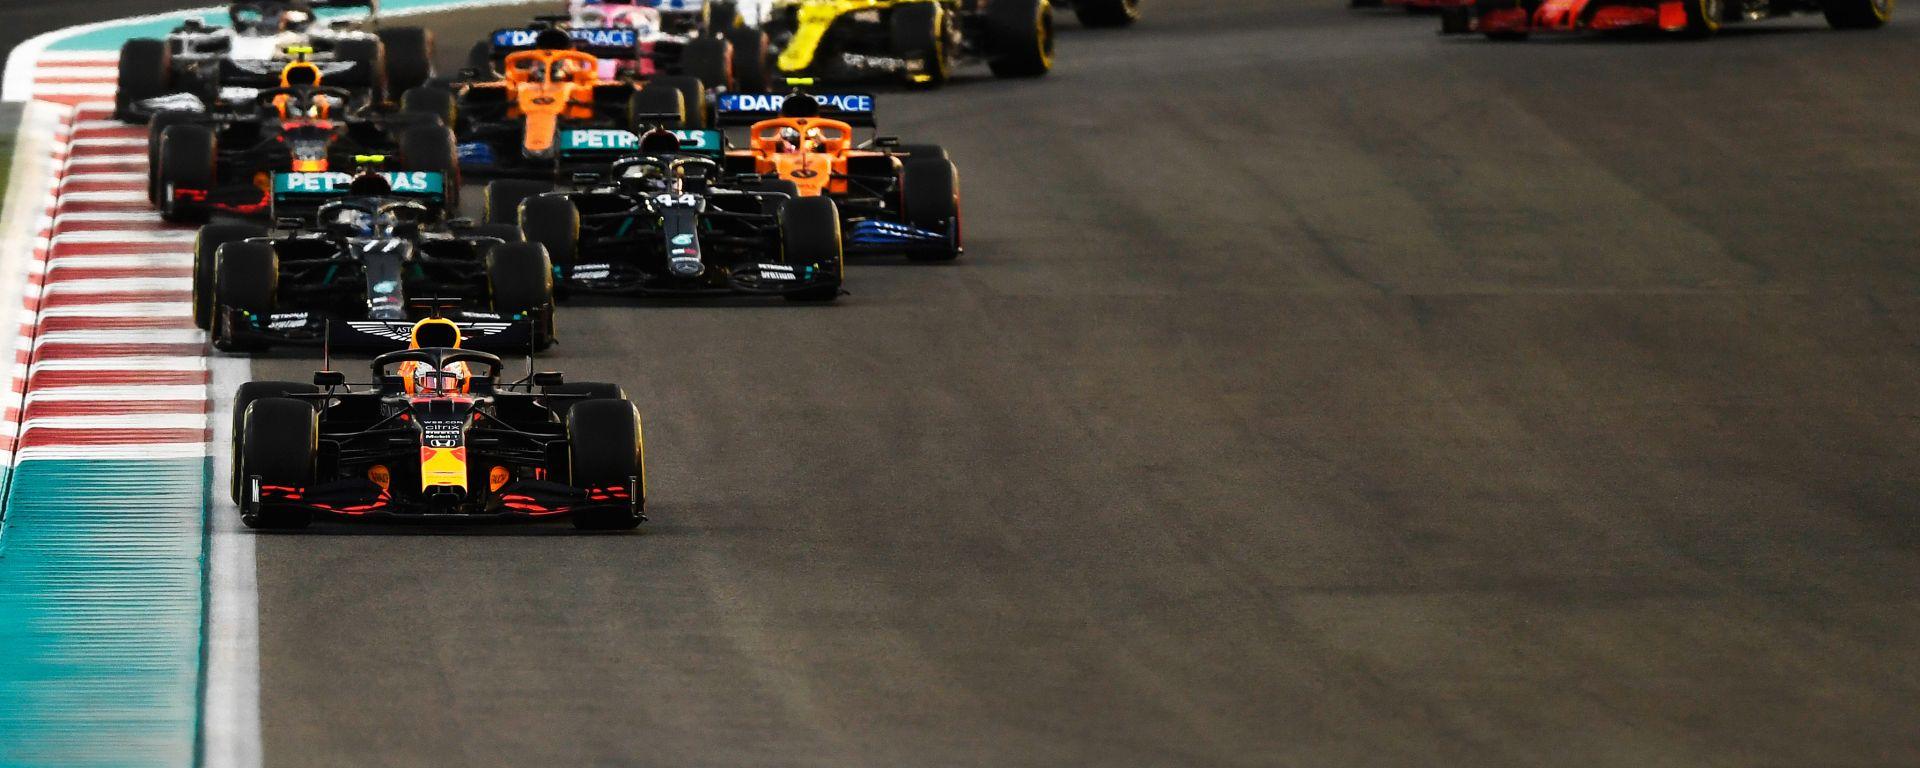 F1 GP Abu Dhabi 2020, Yas Marina: la partenza della gara